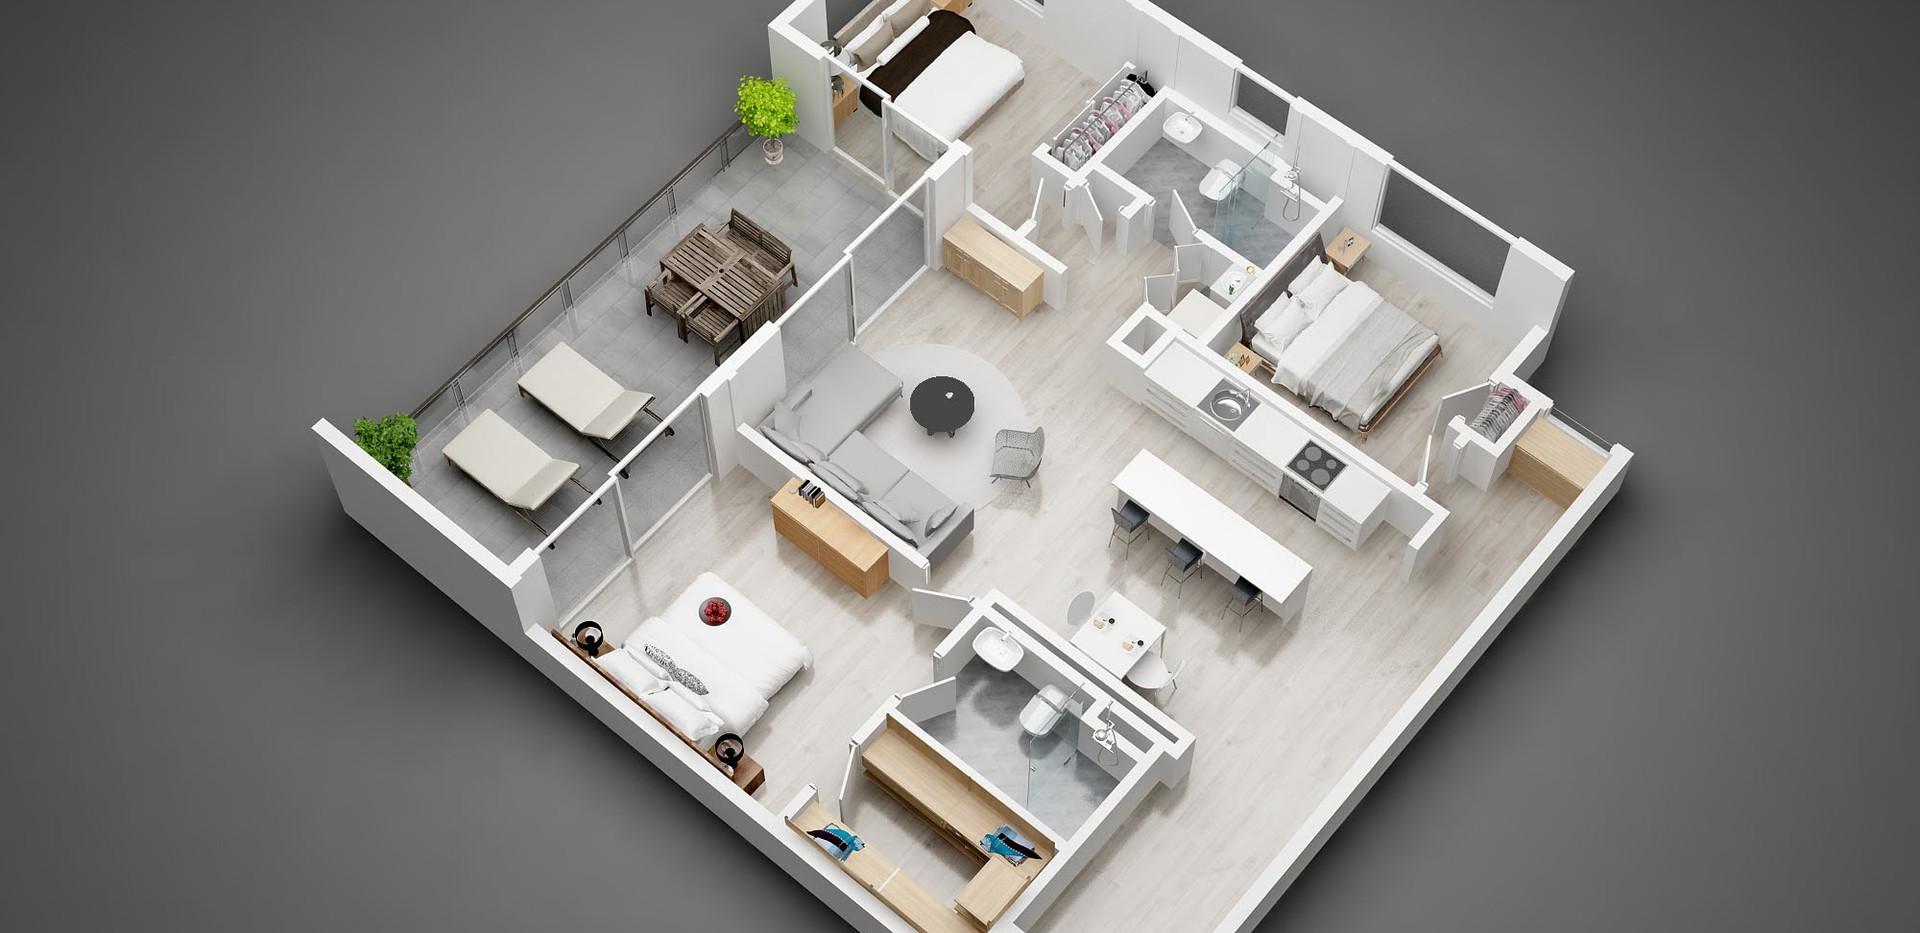 1501_3D  floor plan